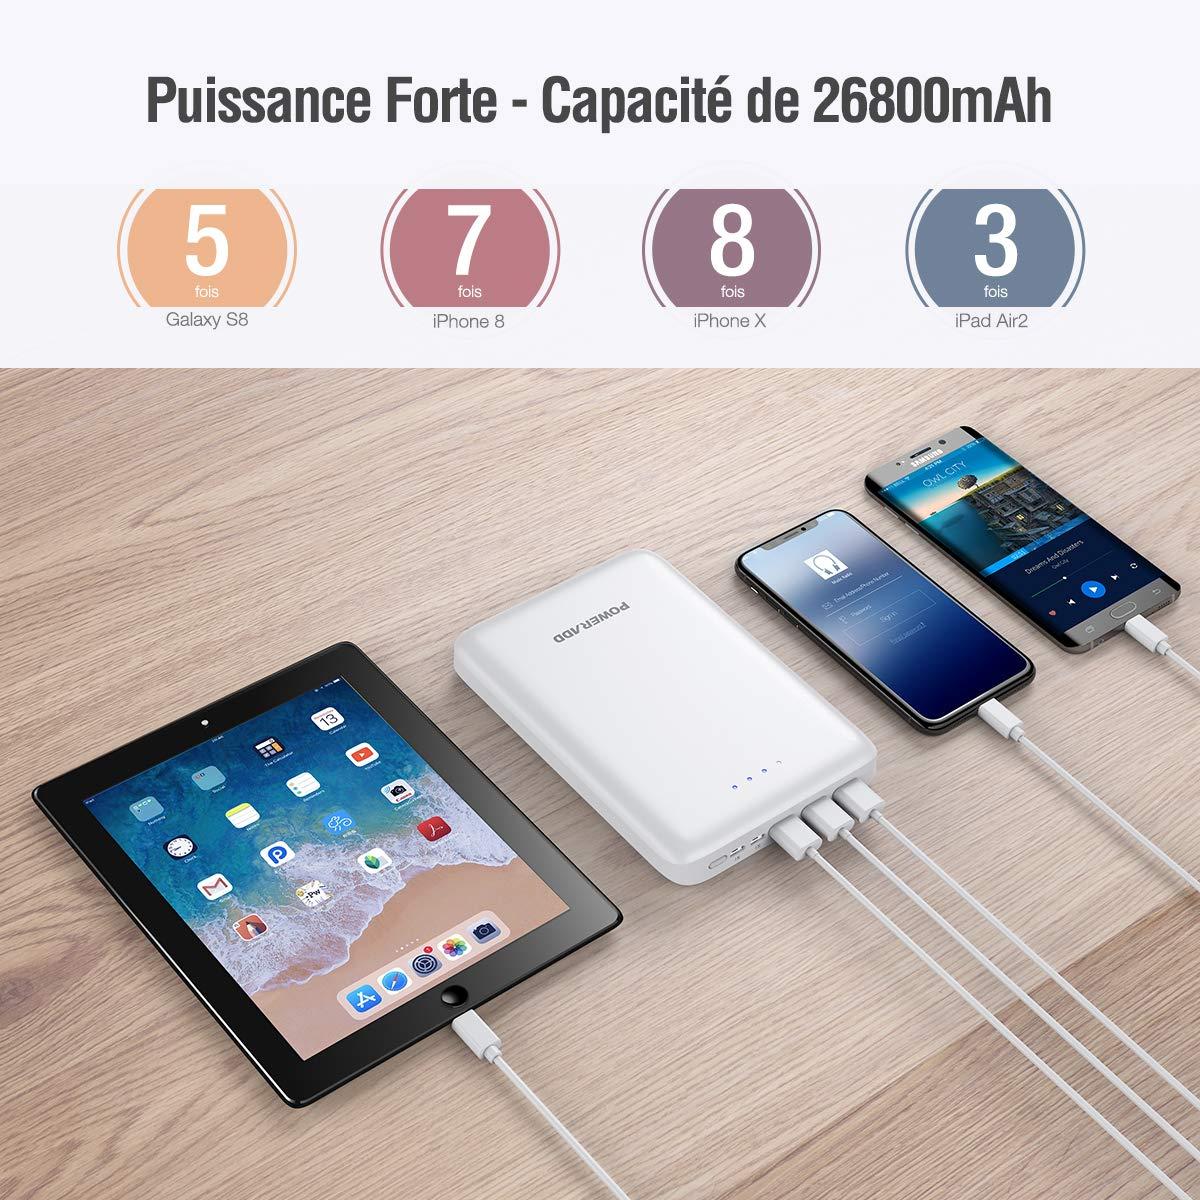 POWERADD Batterie Externe 26800mAh Pilot Pro 4 avec 3 Ports Sortie USB et 2 Ports Entrées Grande Capacité Chargeur Portable pour iPhone, iPad, iPod, Samsung Galaxy, des Autres téléphones - Blanc